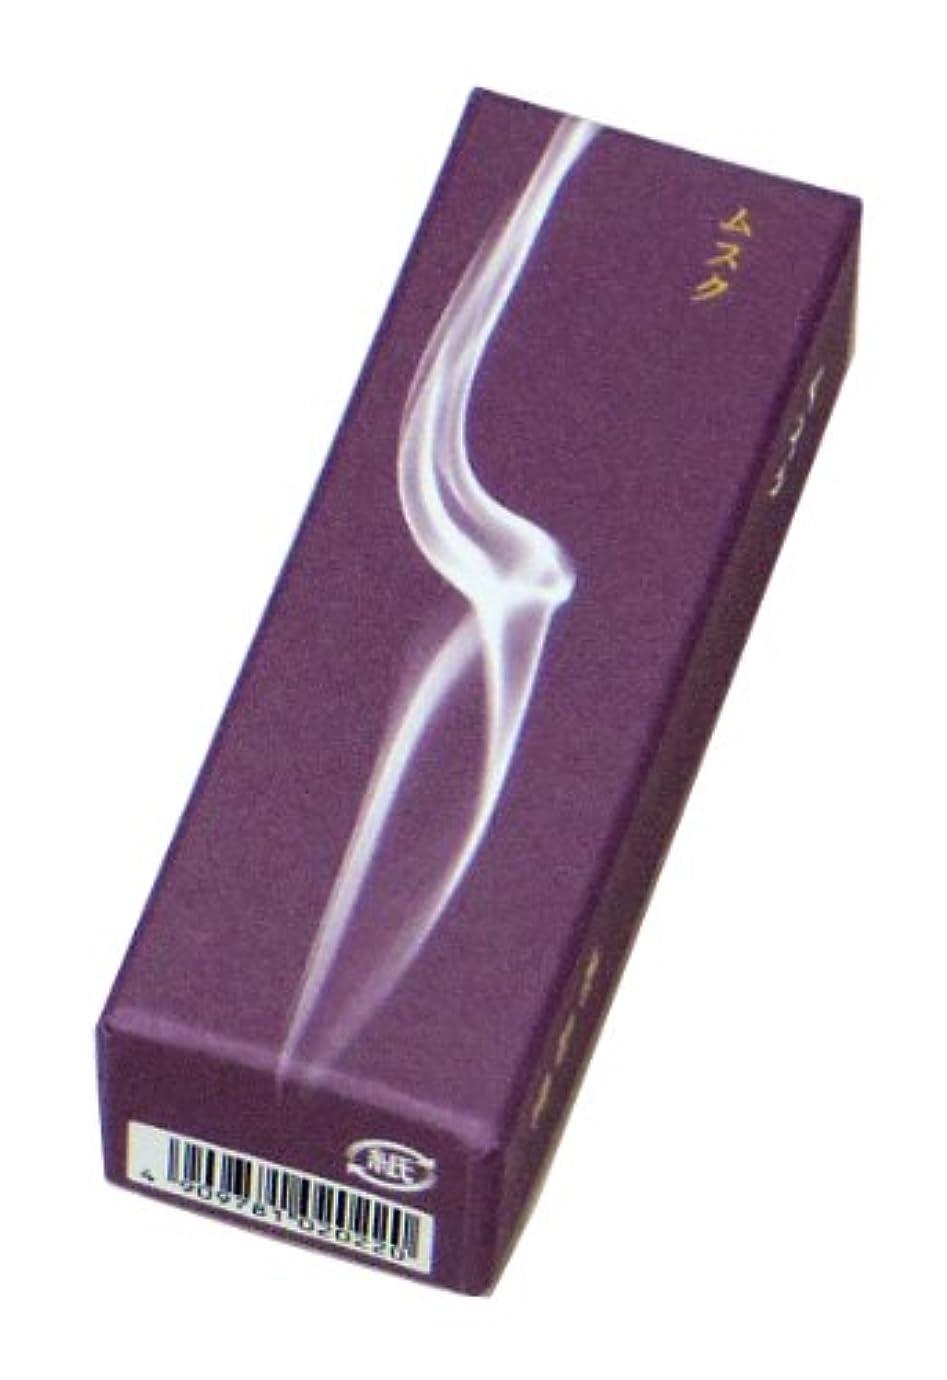 鳩居堂のお香 香水の香り ムスク 20本入 6cm